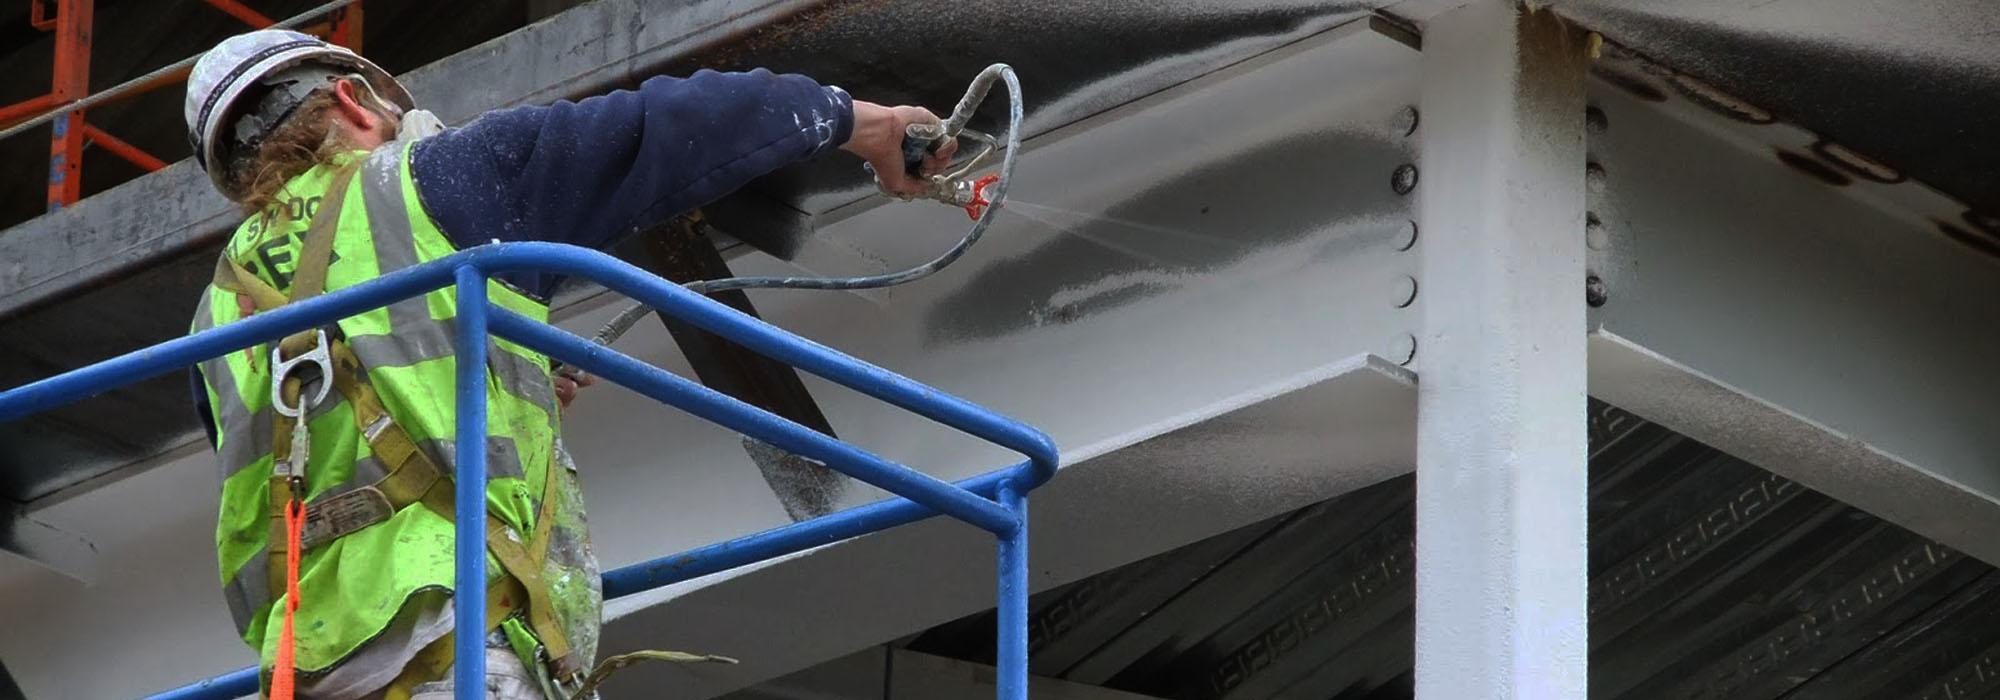 Обработка и покраска металлоконструкций в Нижнем Новгороде